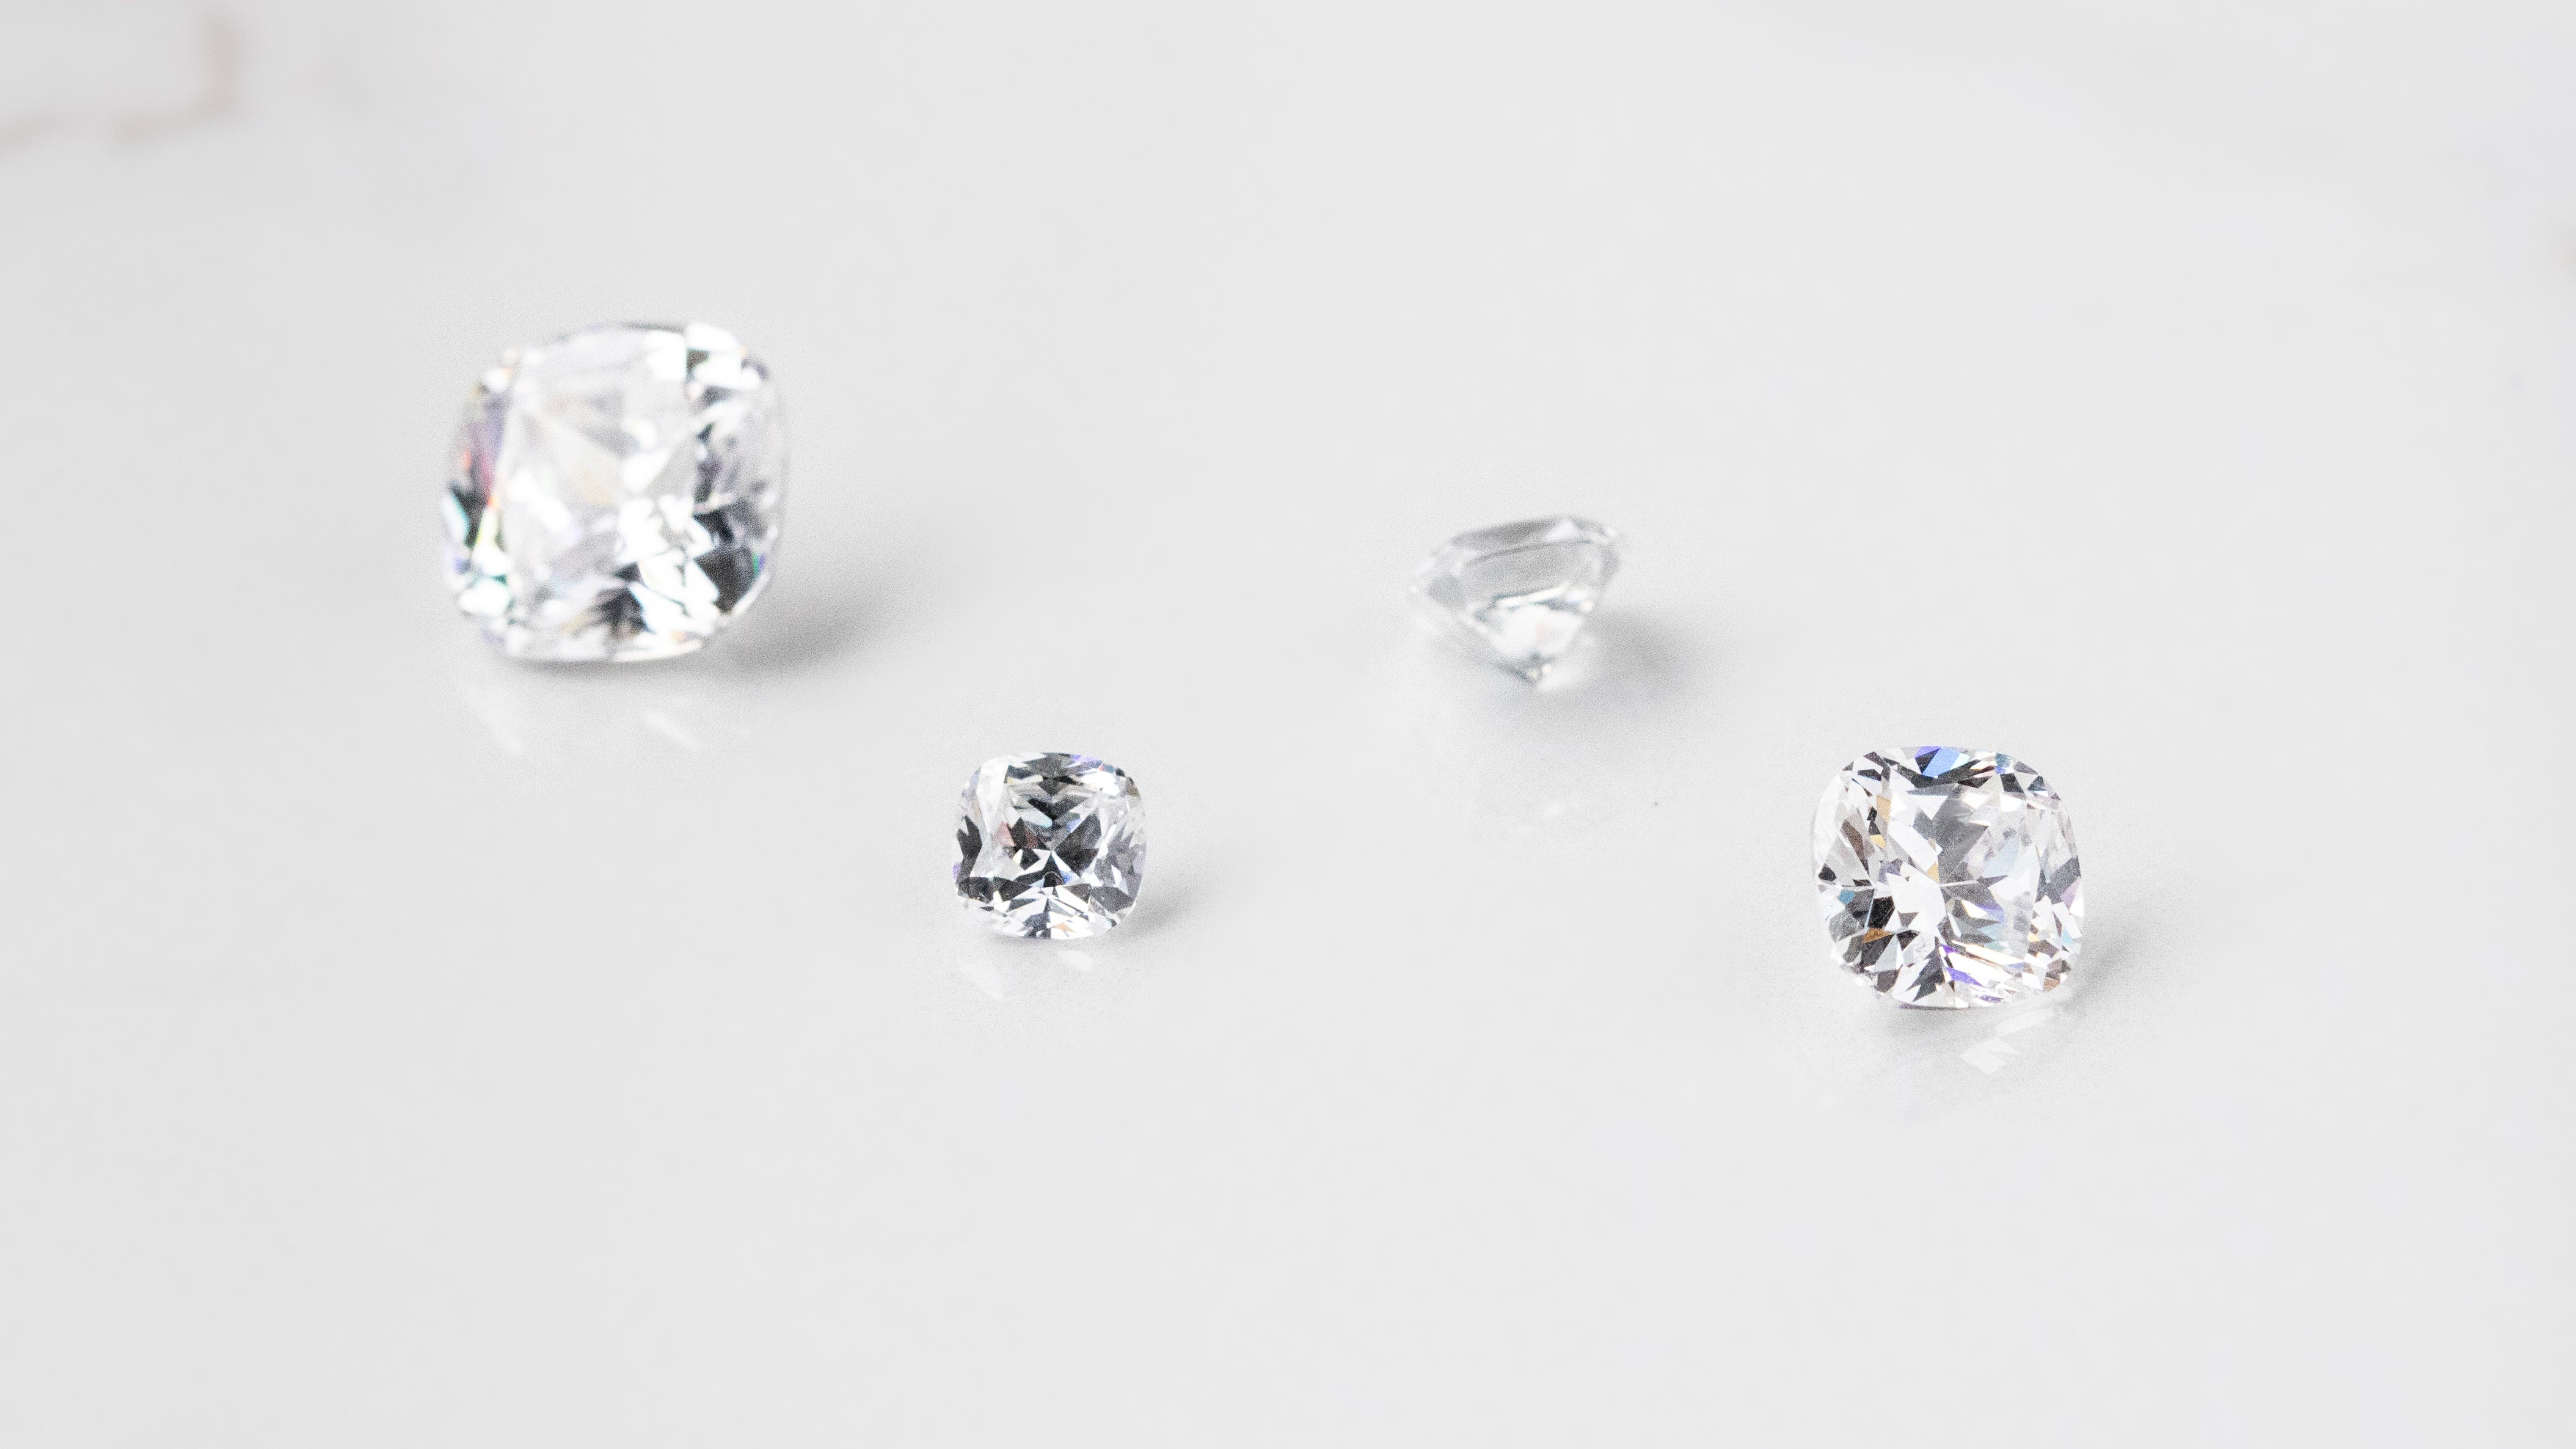 Four loose Nexus Diamond alternatives